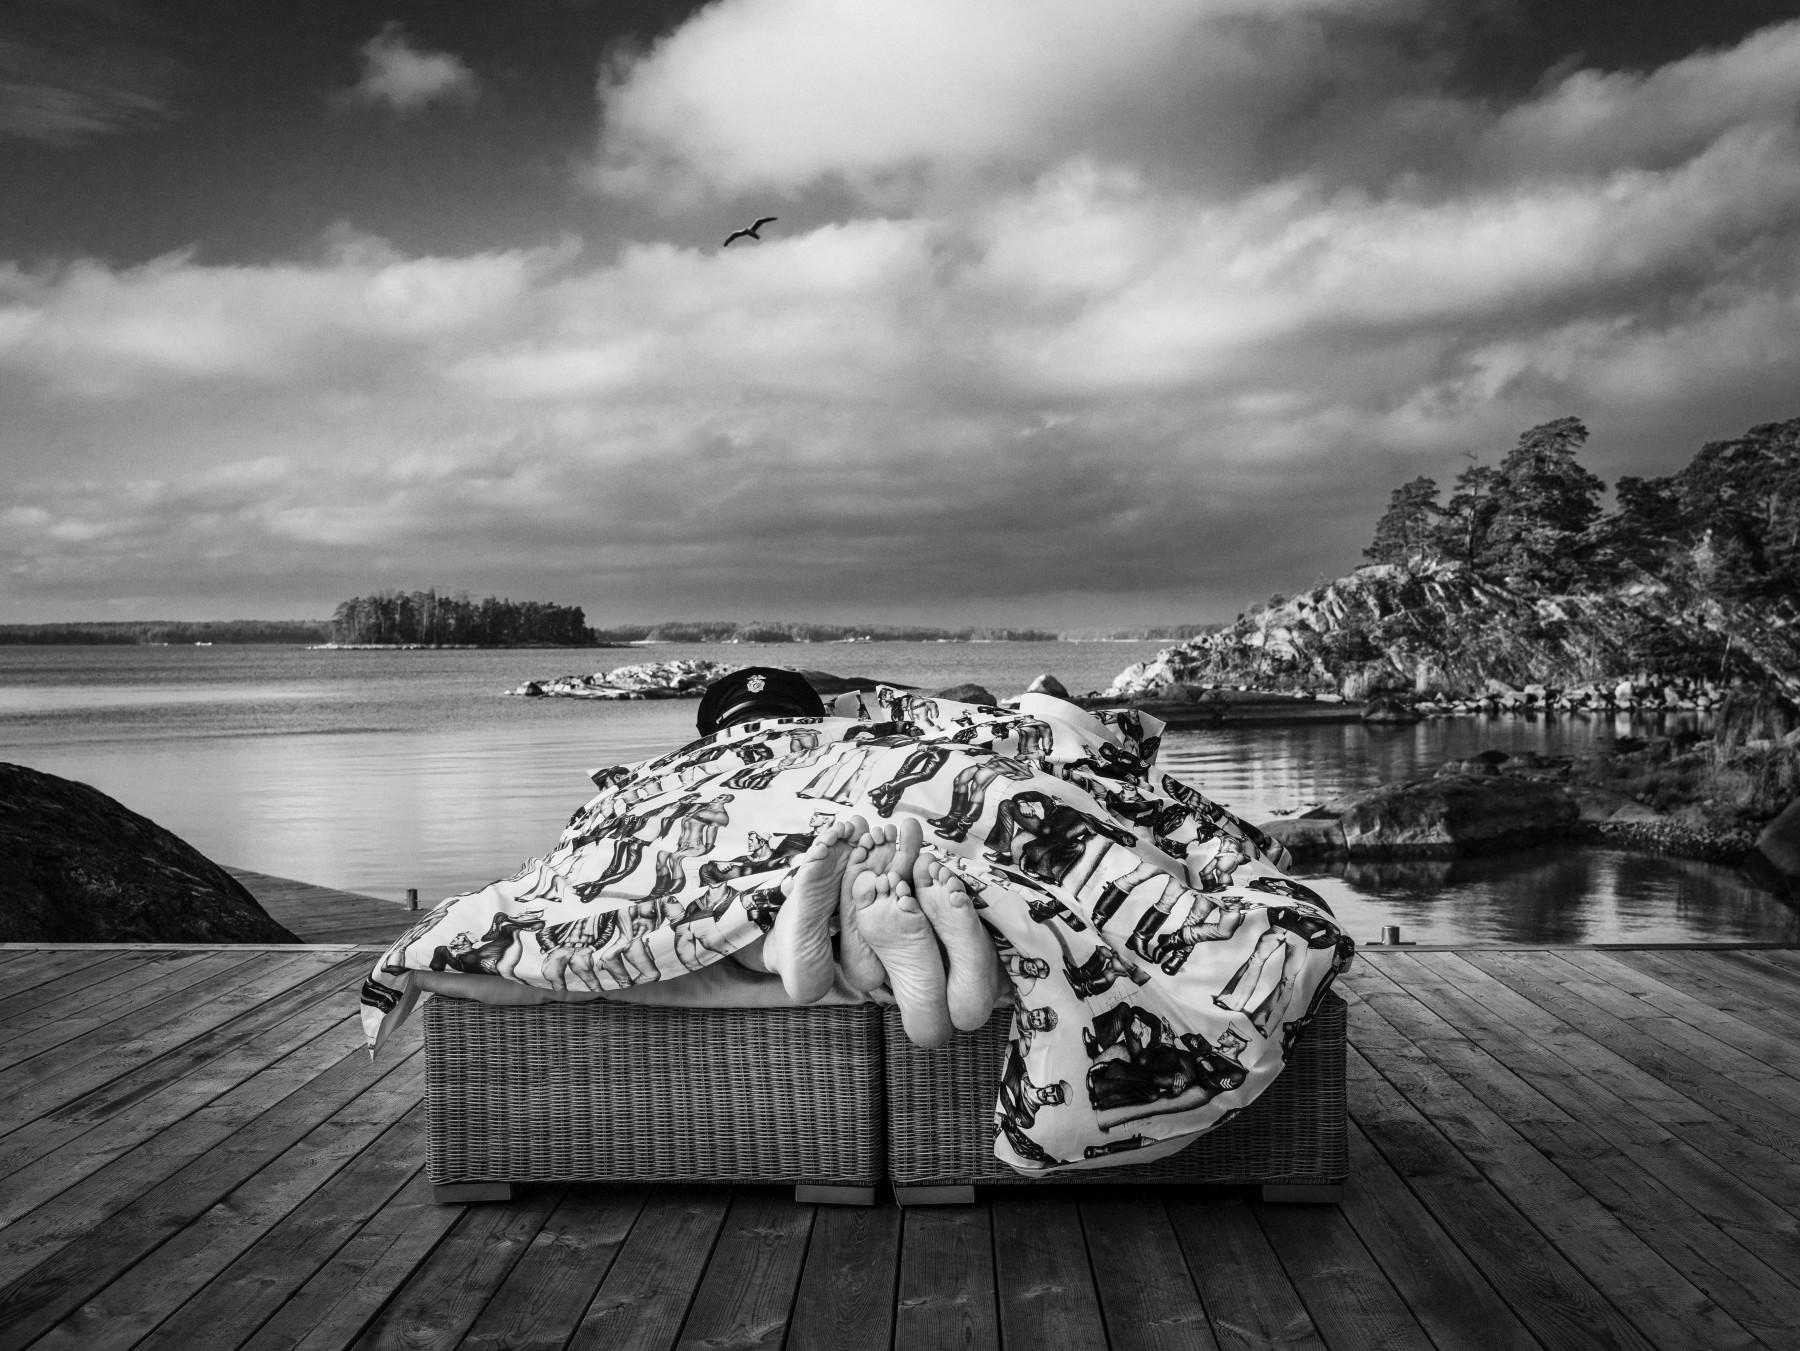 Touko Laaksonen produjo más de 3 500 obras durante su vida, muchas de las cuales pueden admirarse ahora en bolsas de la compra, sábanas, productos de papelería, delantales y mantas ignífugas. Las imágenes monocromáticas impresas en los textiles de la casa Finlayson han sido un éxito desde que estos se pusieron a la venta.